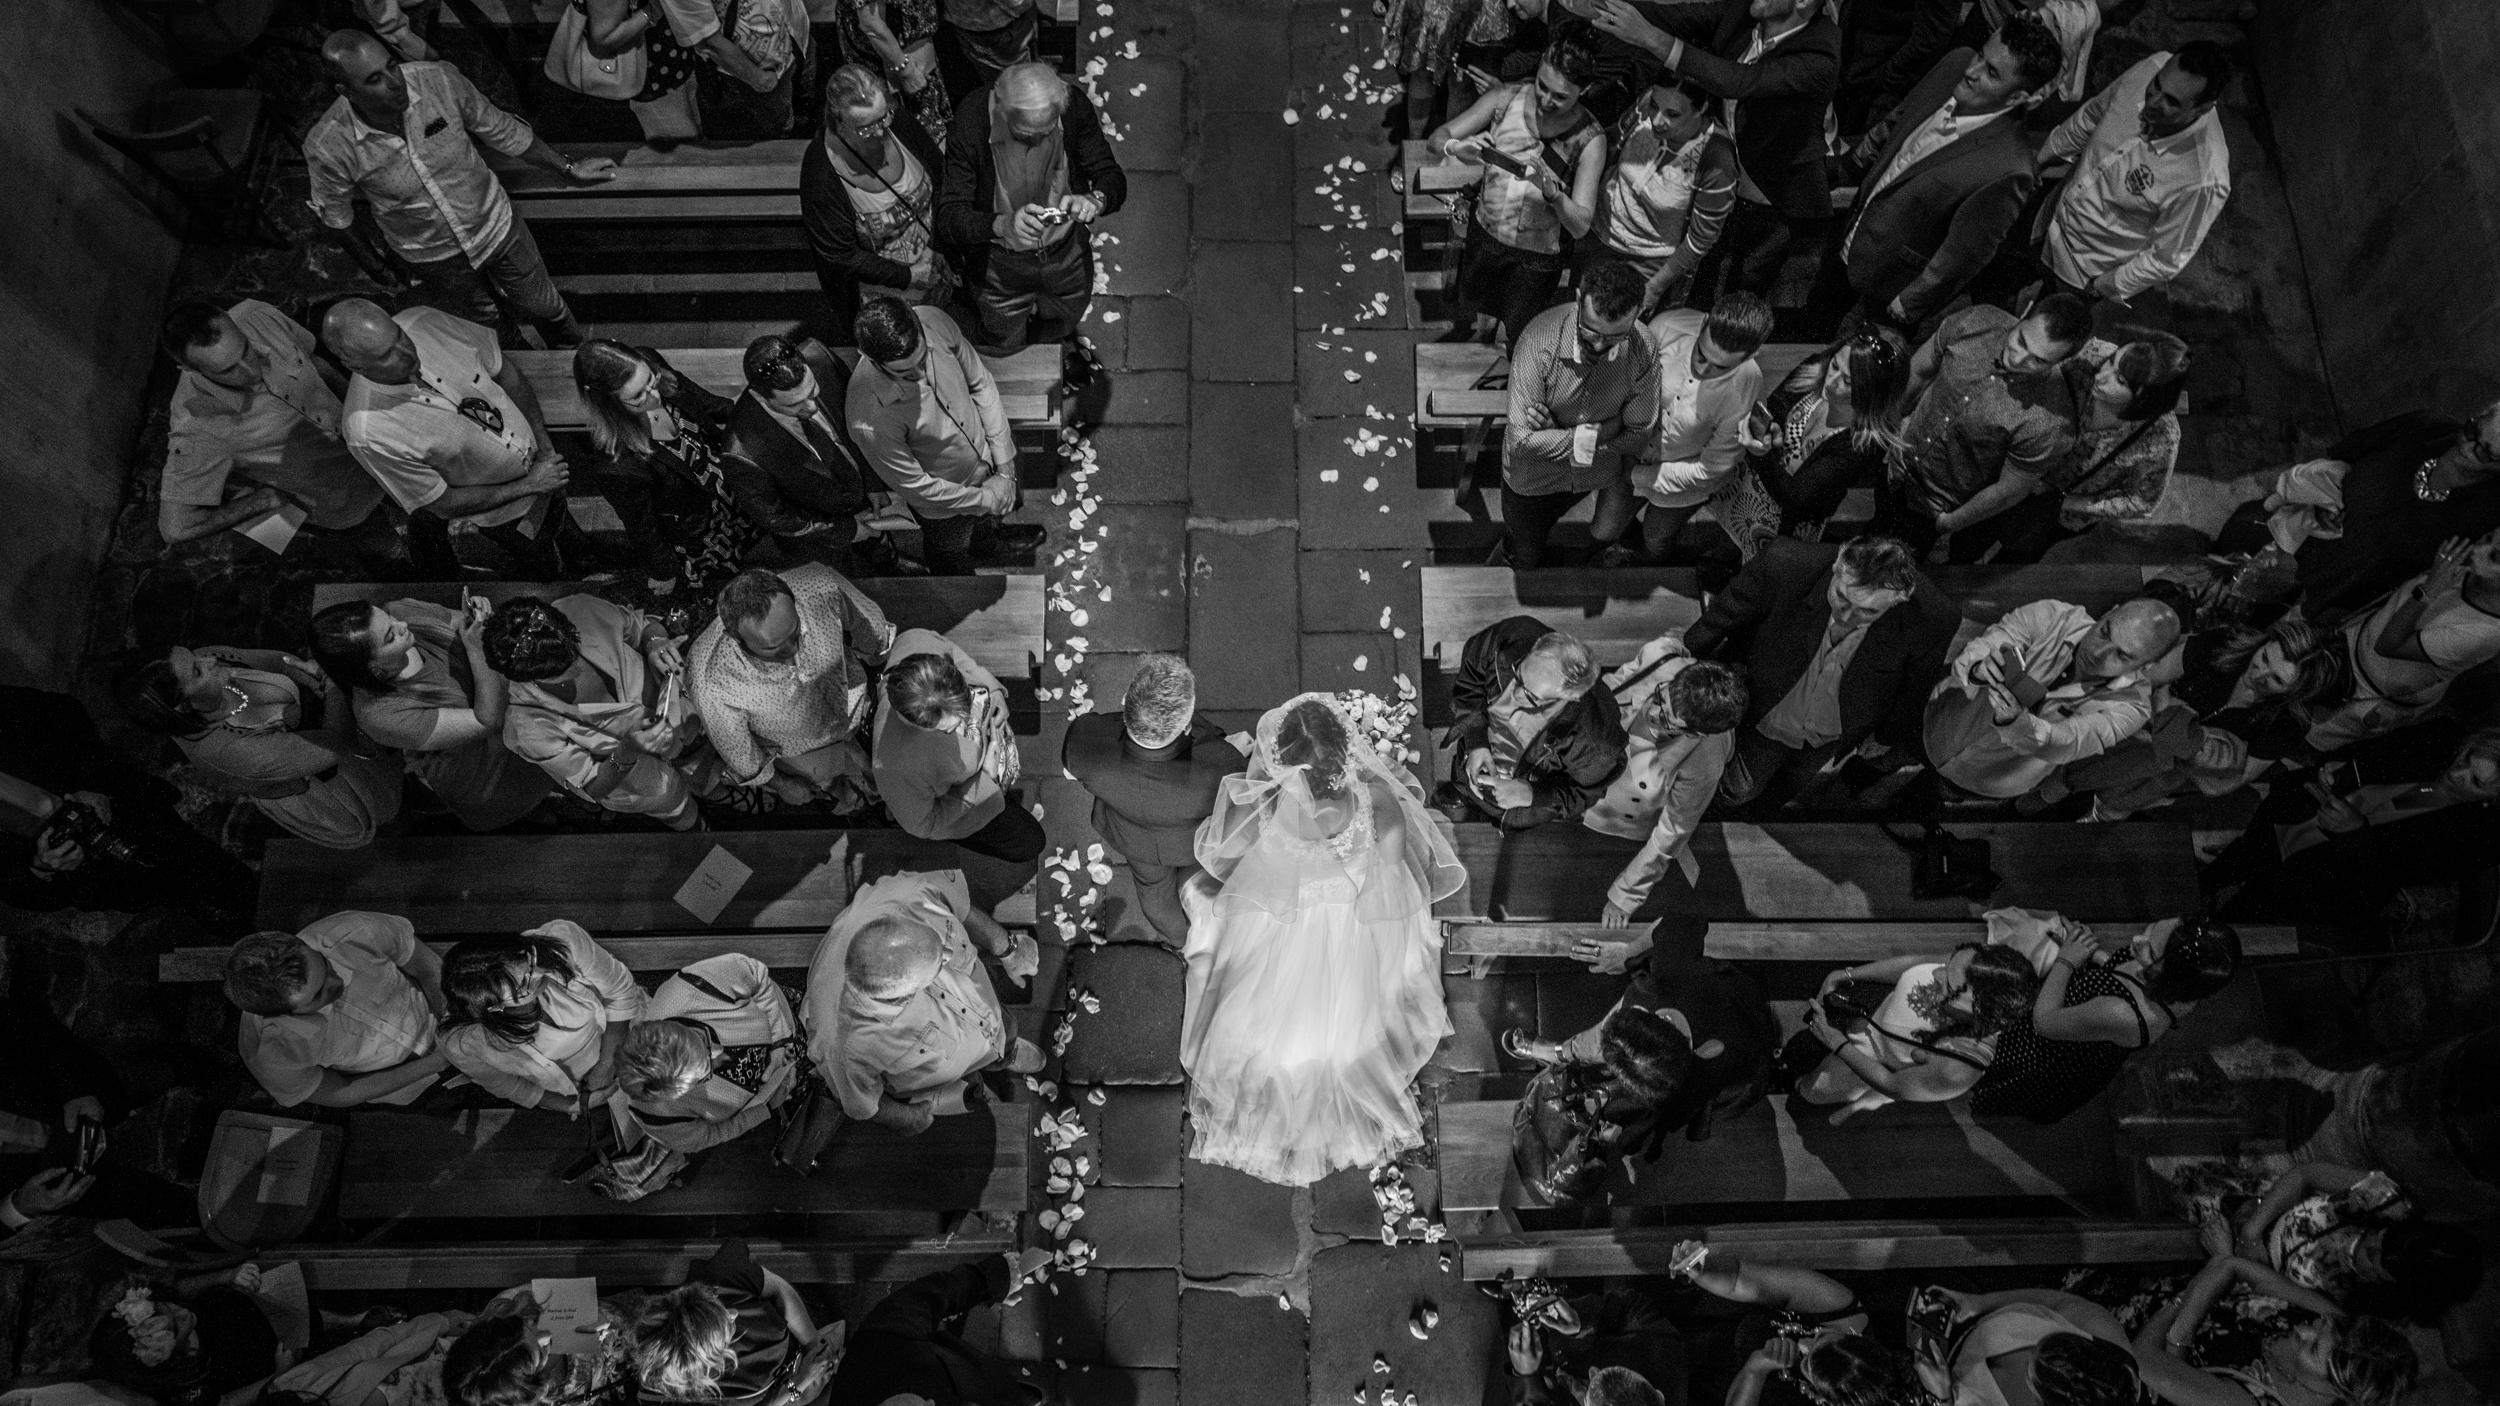 L'entrée de la mariée vu d'en haut